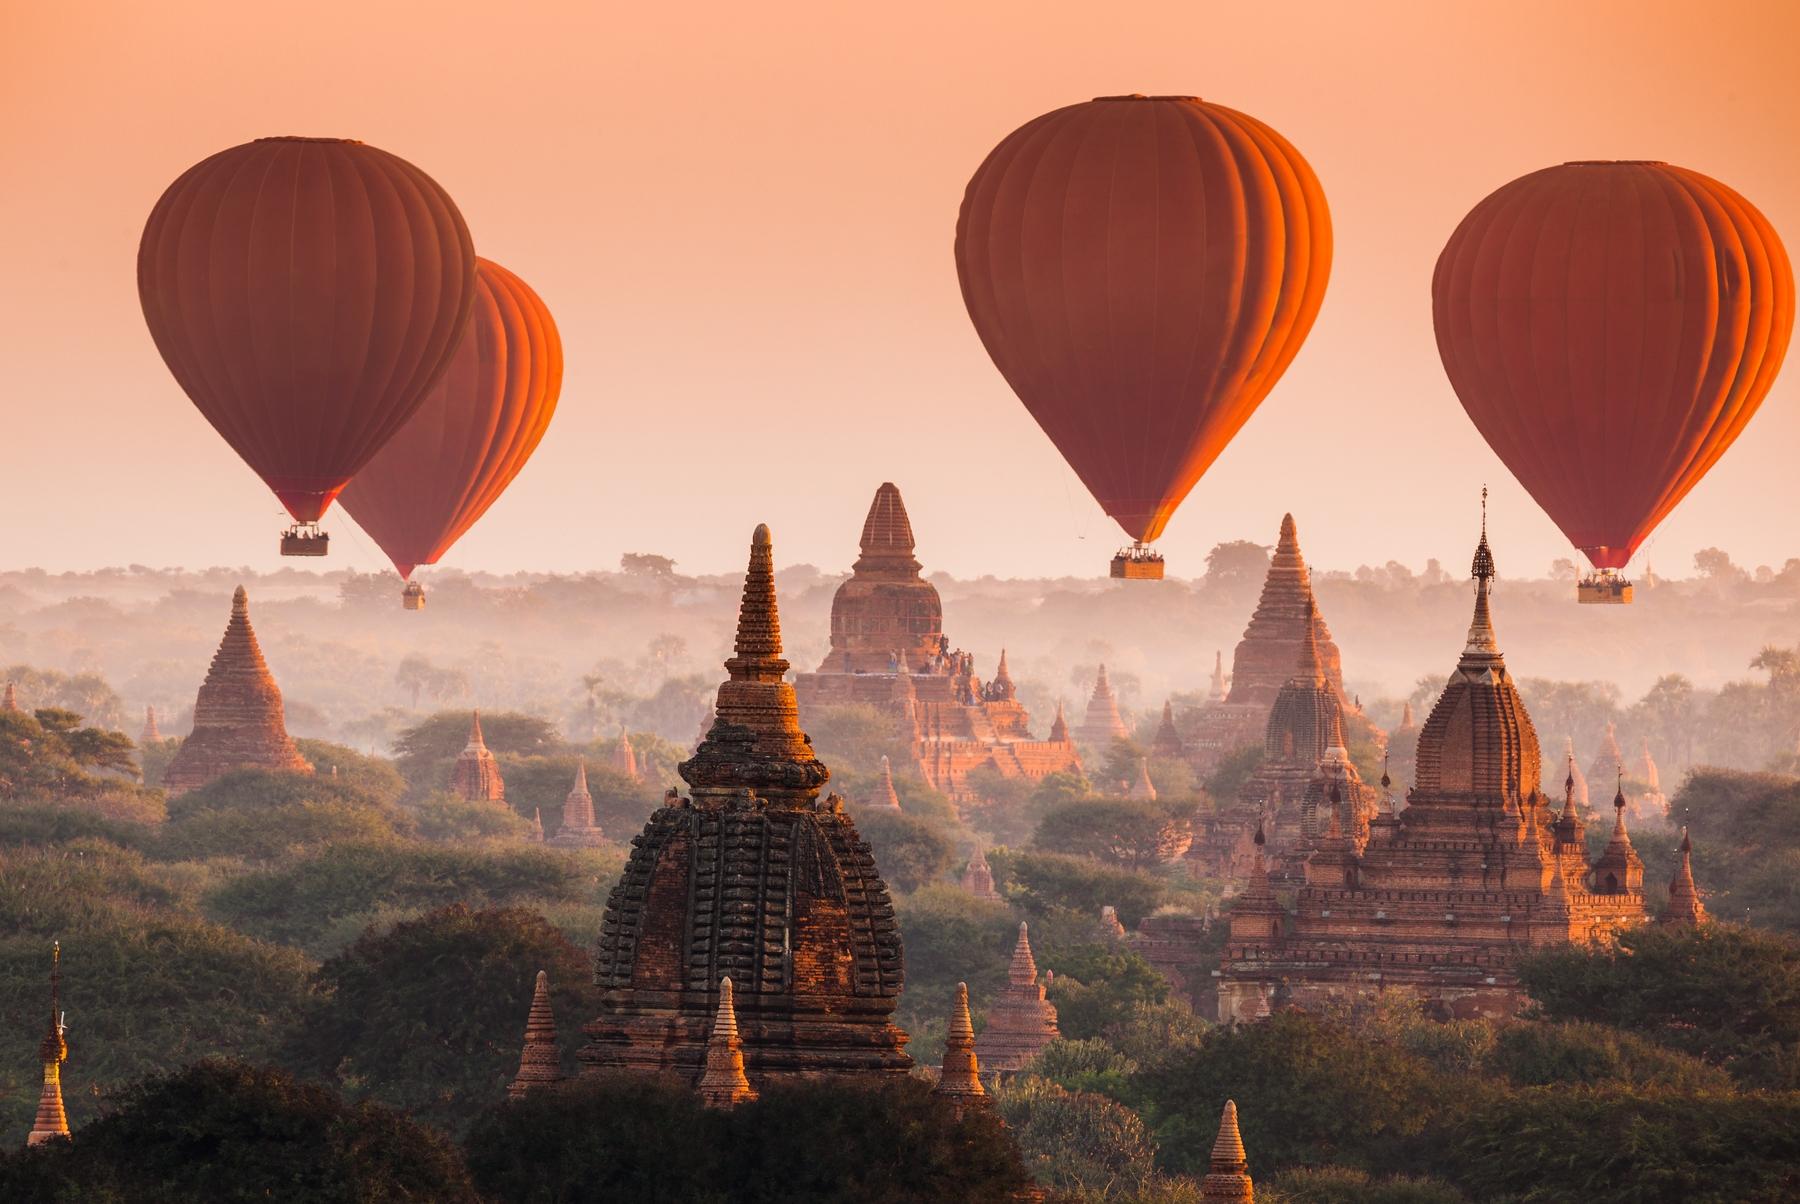 Воздушные шары летят над тысячей пагод Багана, окутанных золотой дымкой